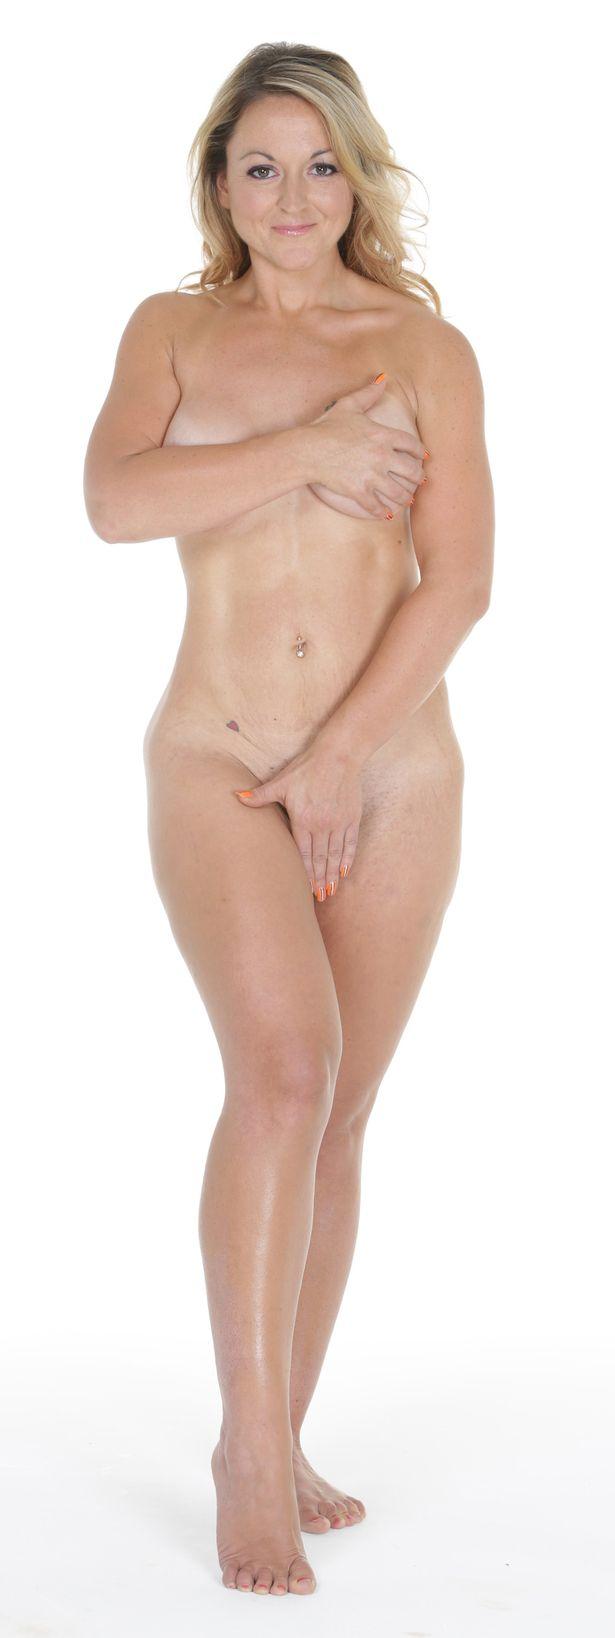 Free loretta swit nude